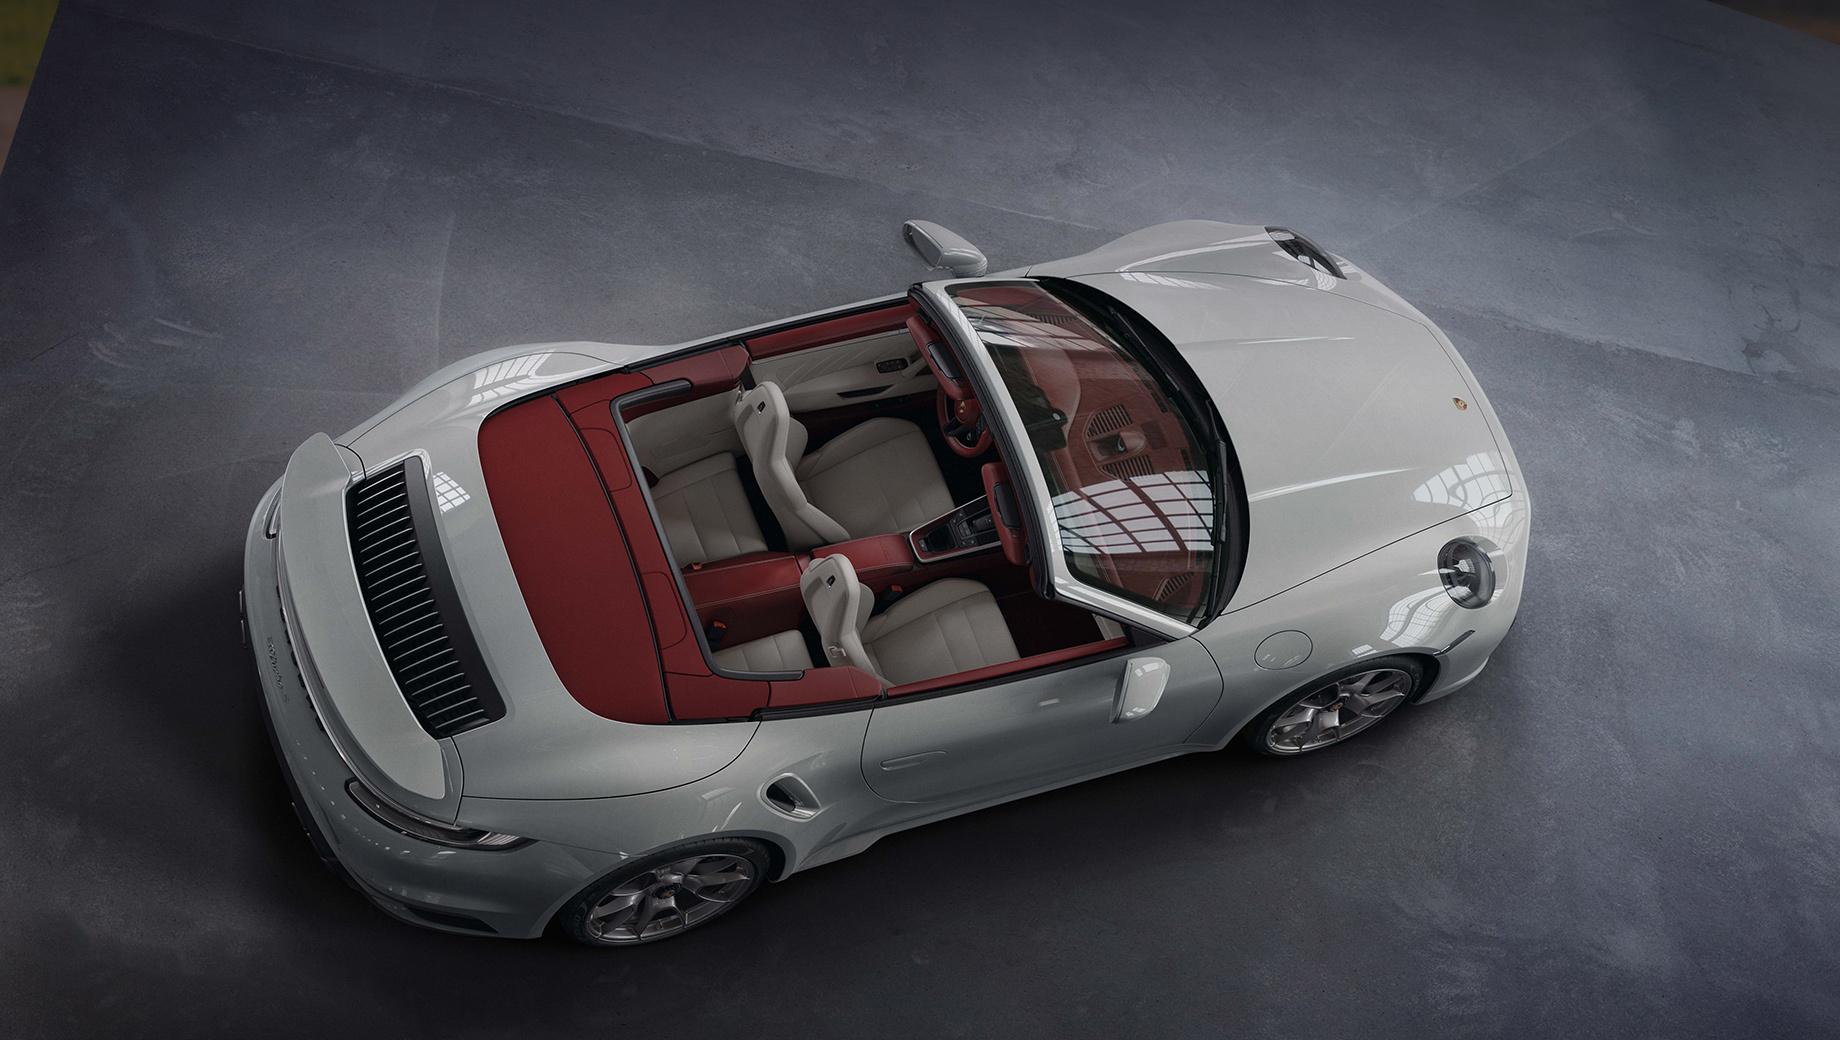 Интерьер Porsche 911 обогатился новыми вариантами отделки